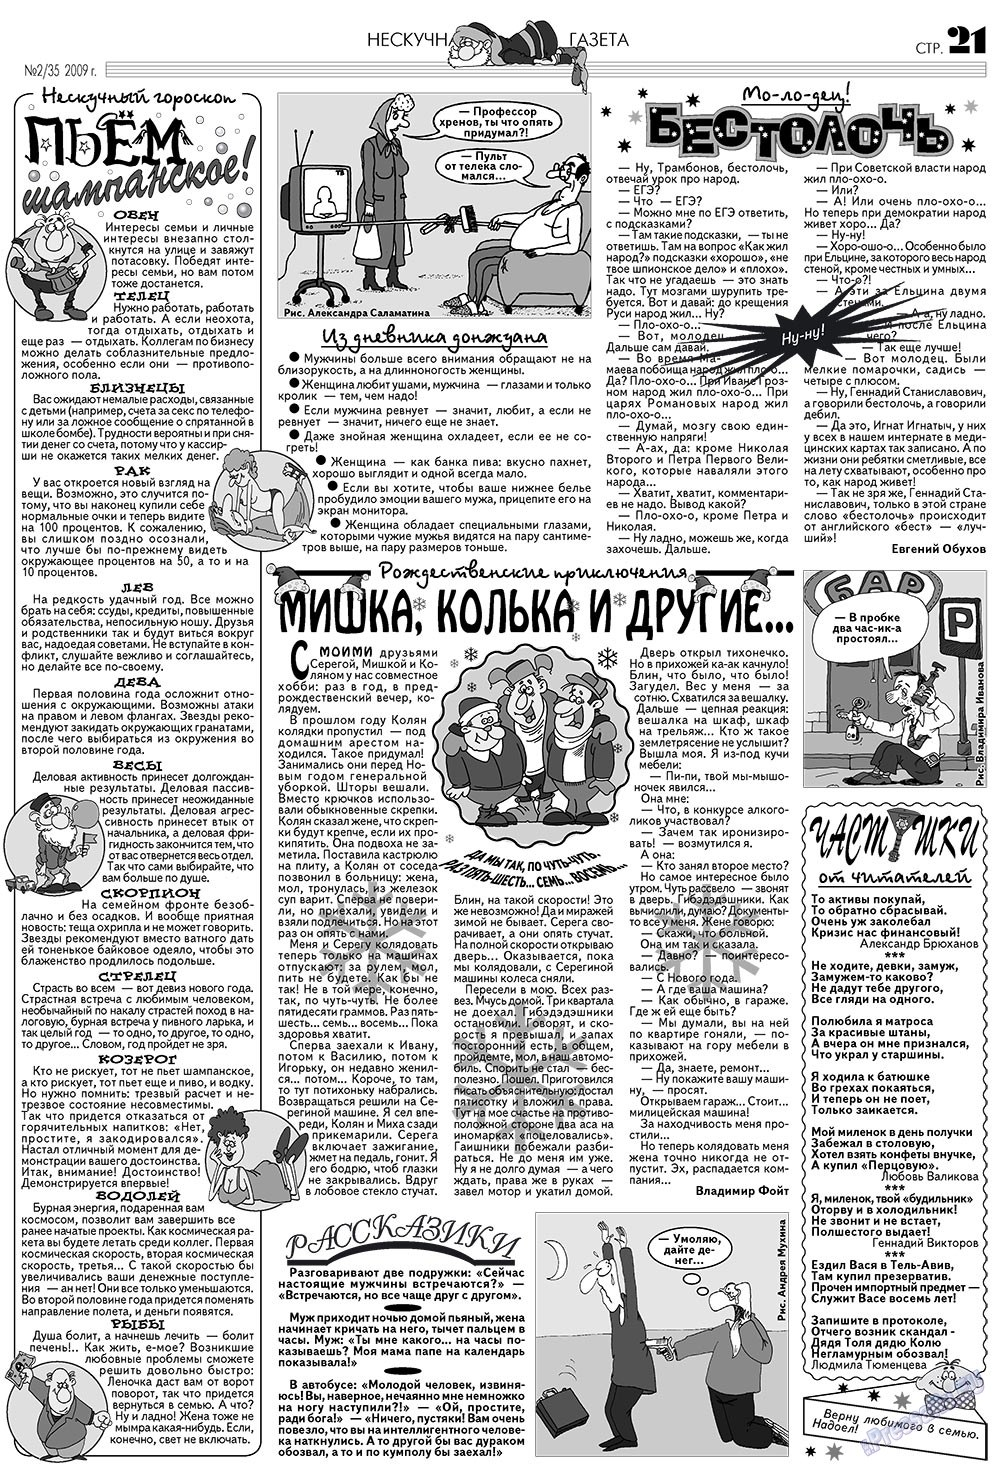 Нескучная газета (газета). 2009 год, номер 2, стр. 17